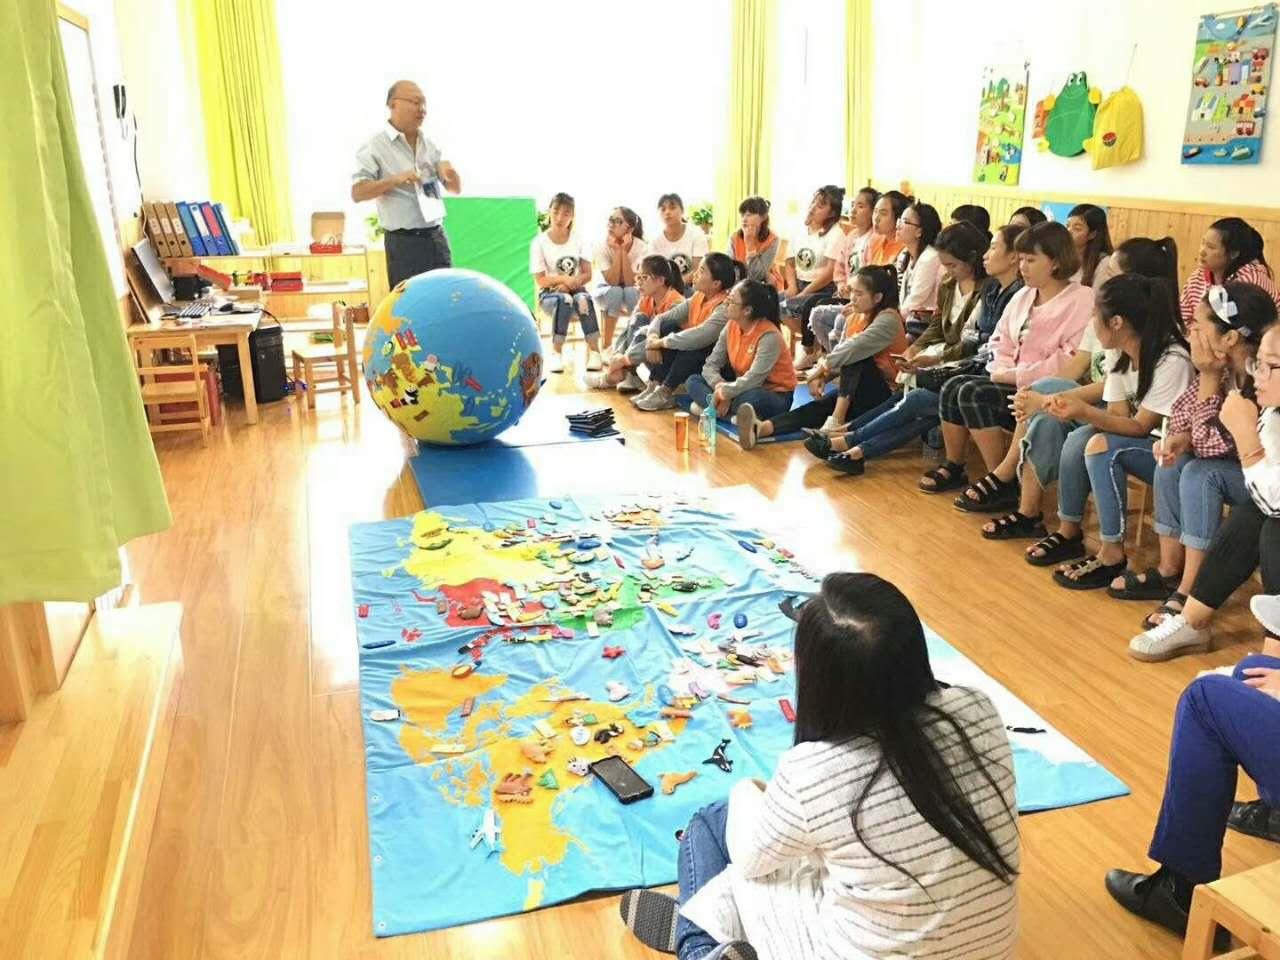 西安碧海银帆教学设备梭哈游戏-室内桌面玩具|室内桌面玩具-西安碧海银帆教学设备梭哈游戏